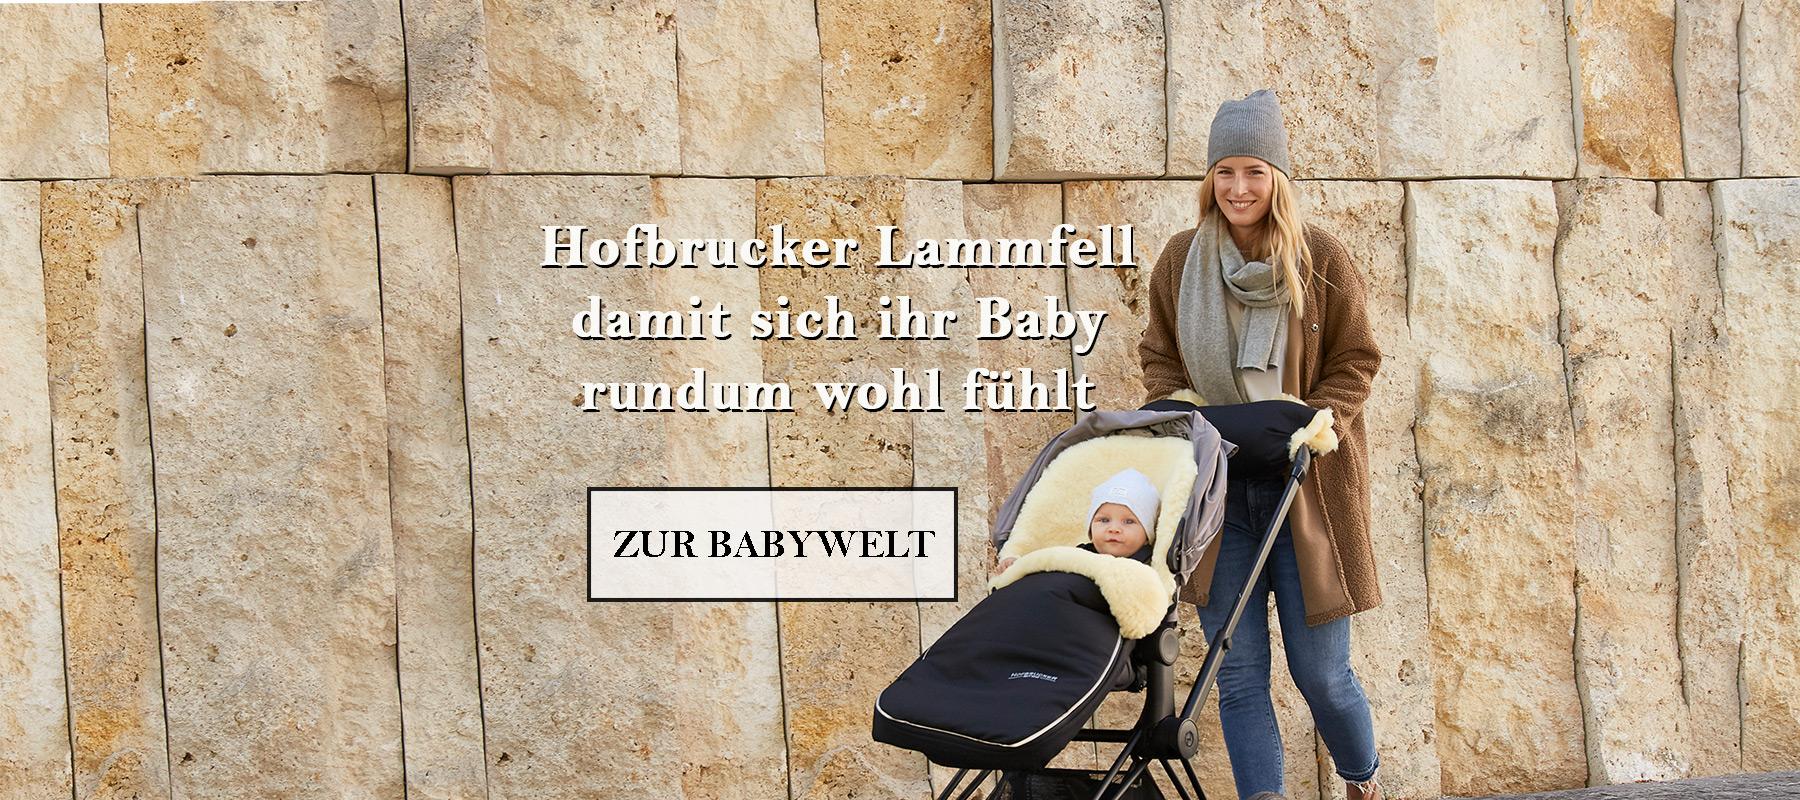 Hofbrucker Lammfell damit sich ihr Baby rundum wohl fühlt